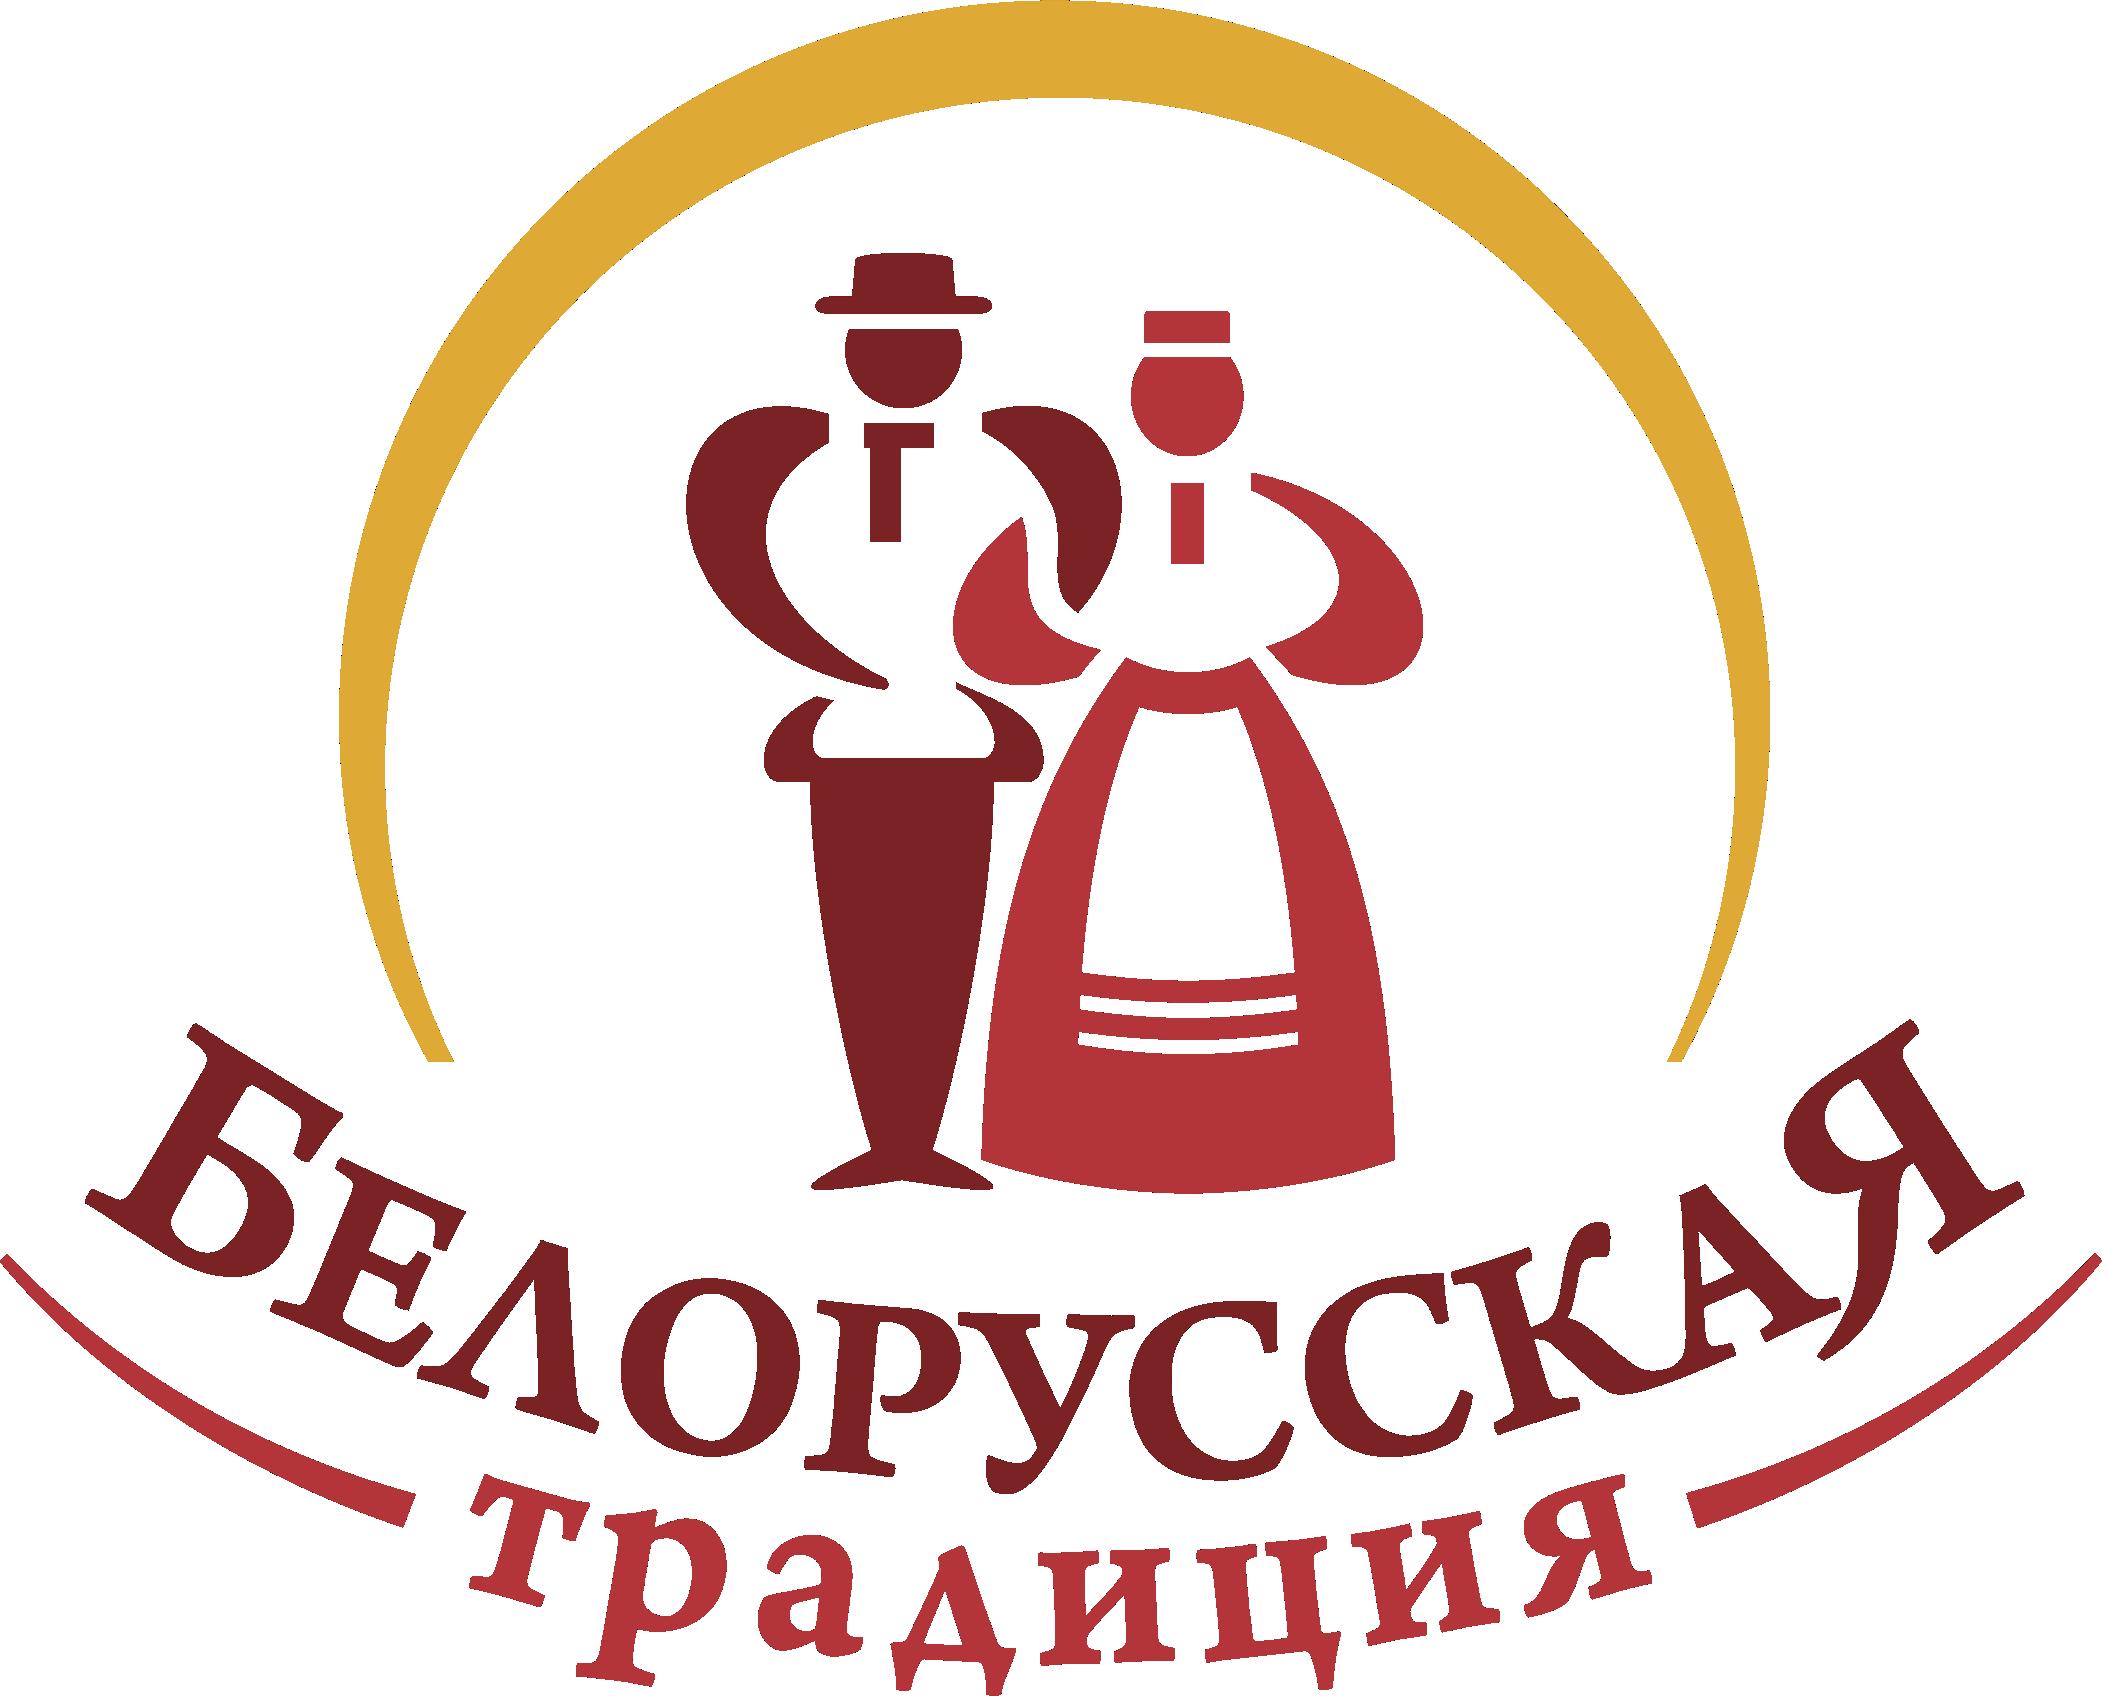 Симферополь, март 17 (политнавигатор, евгений андреев) - инспекторы россельхознадзора пресекли попытку ввезти на территорию крыма крупную партию потенциально опасной мясной продукции